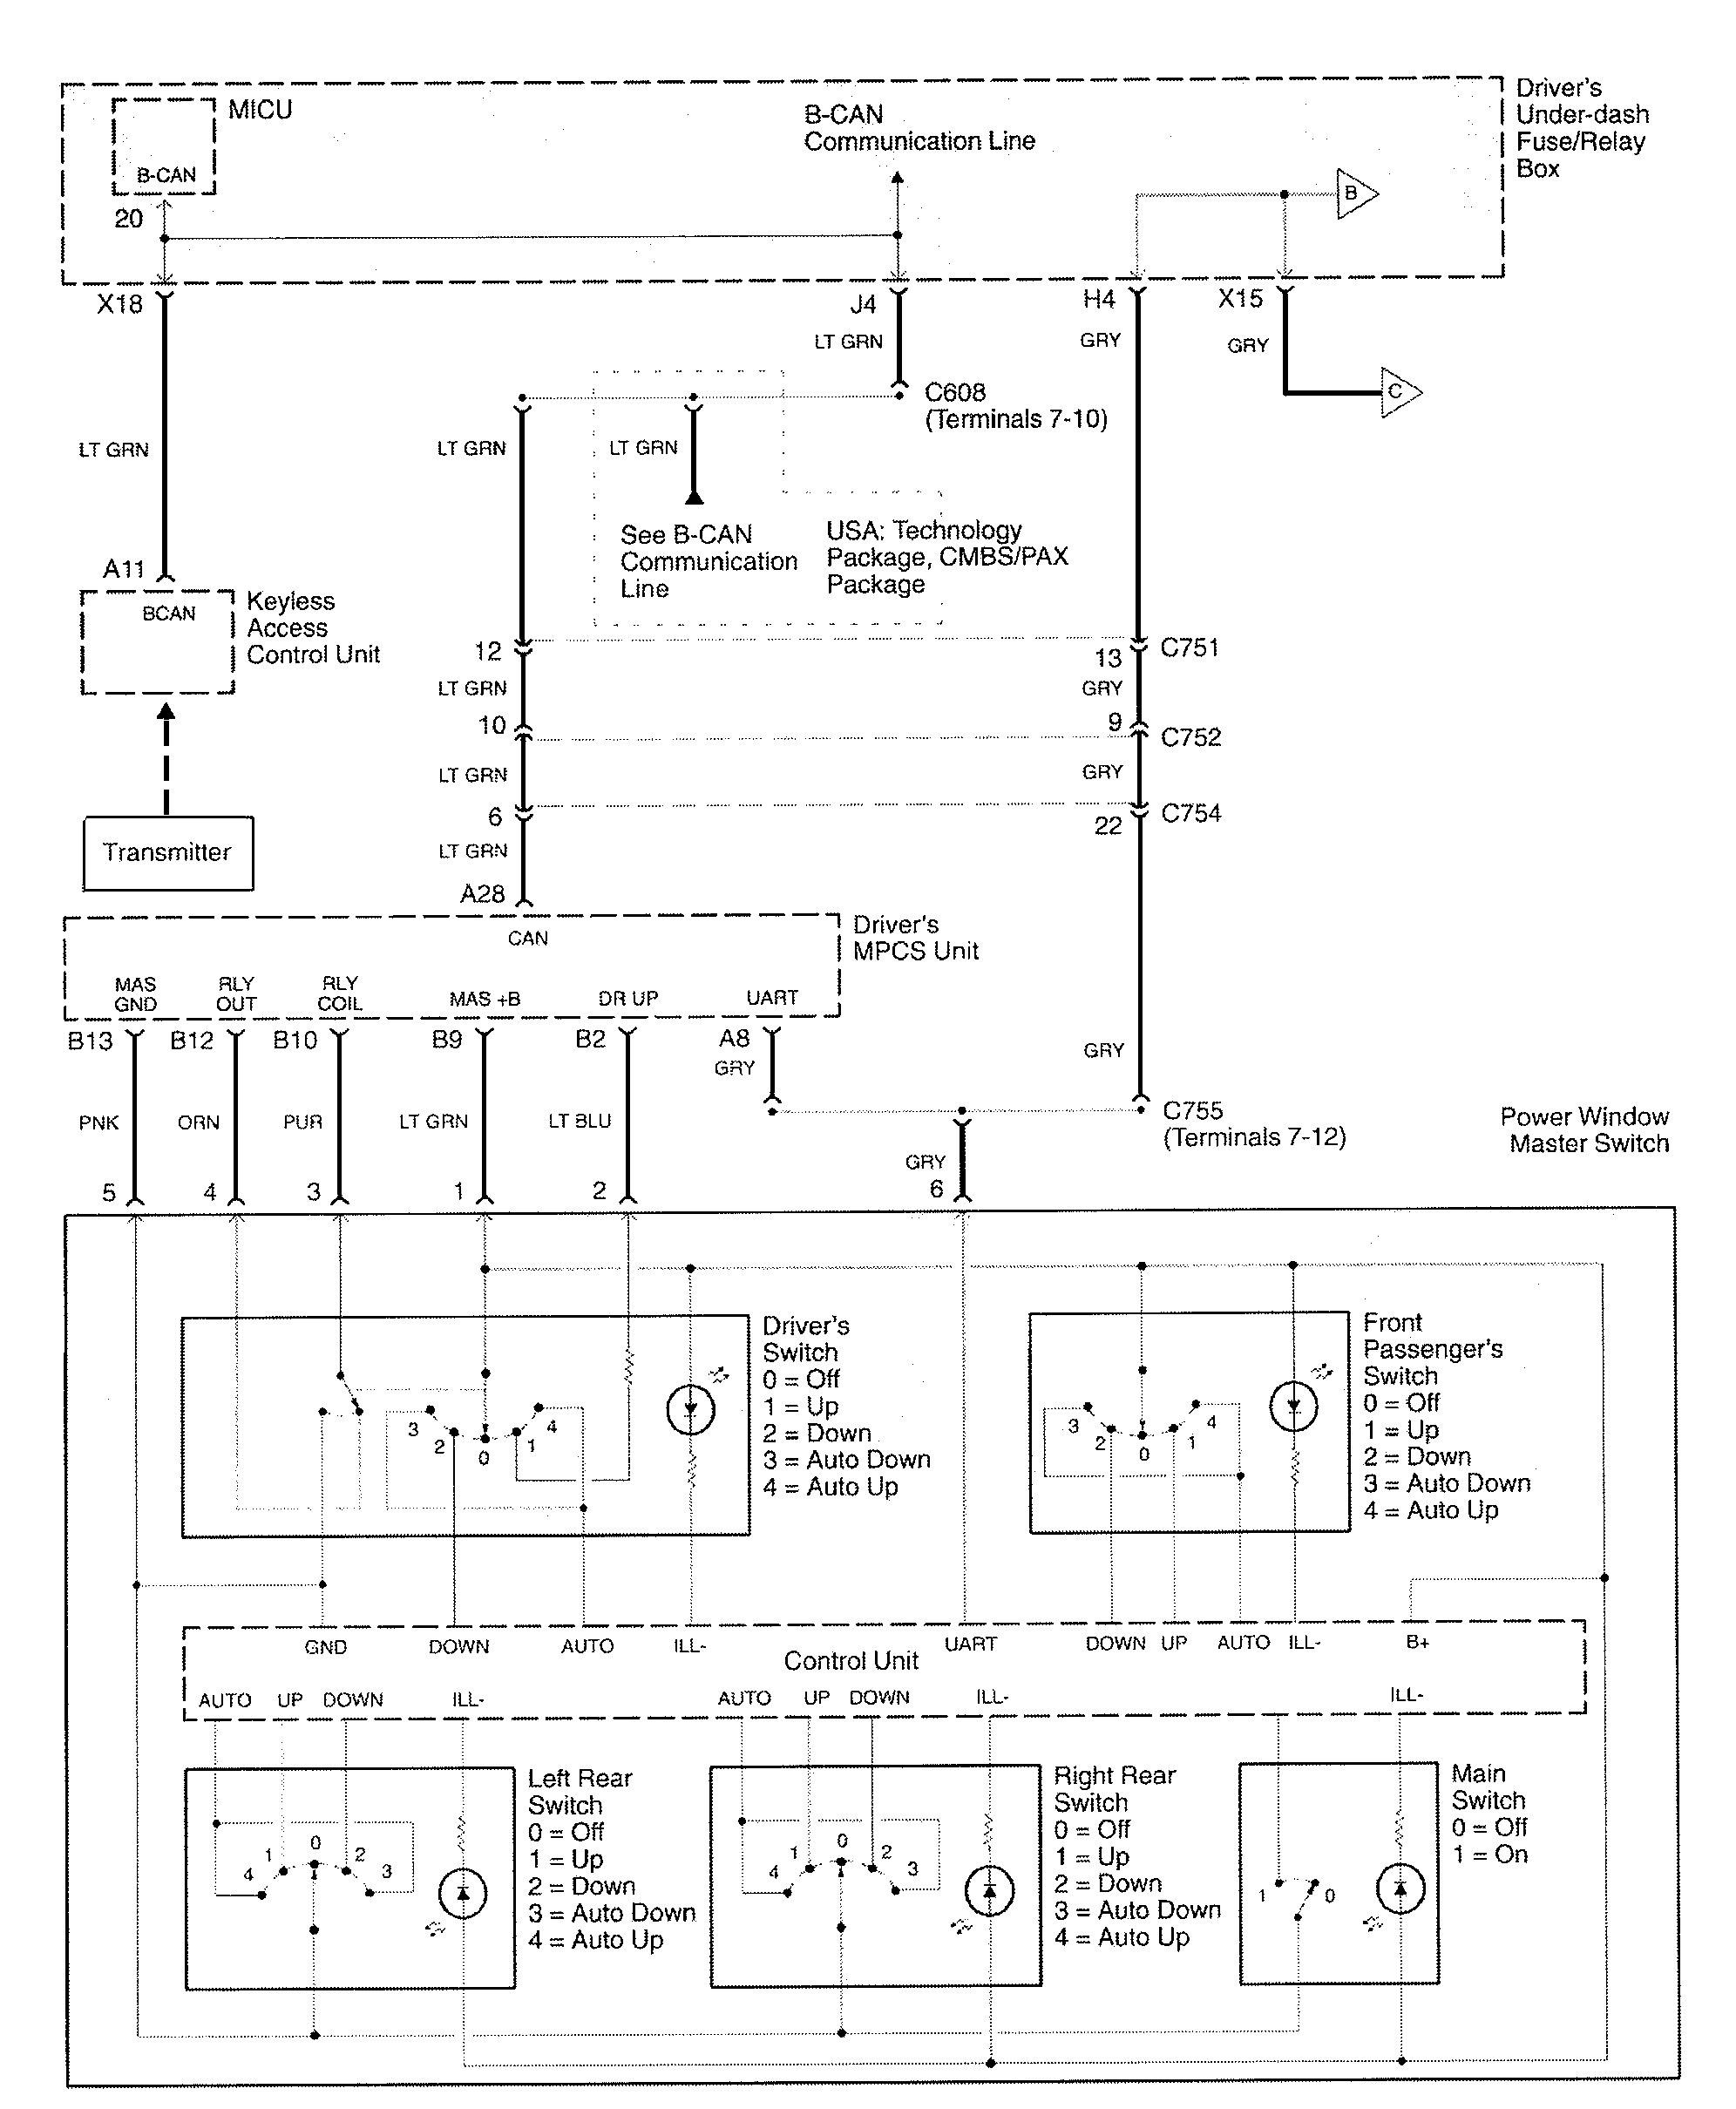 2011 Chrysler 200 Wiring Diagram - Wiring Diagram 89